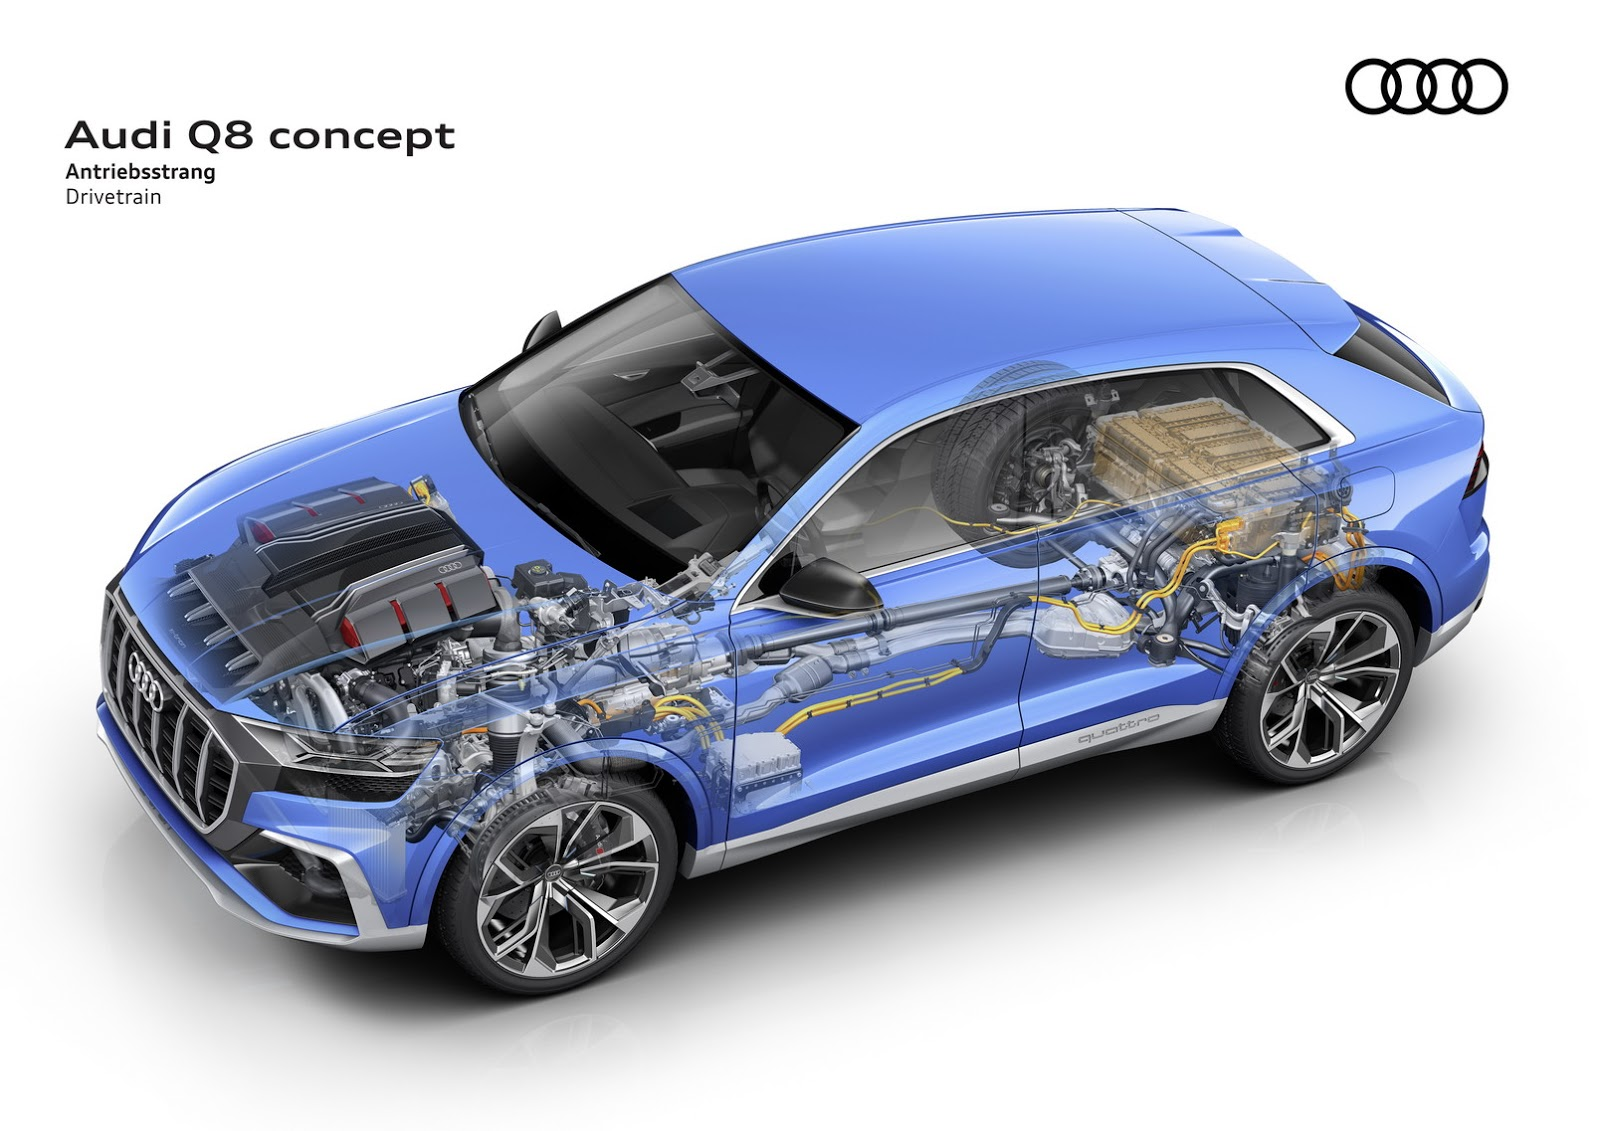 Audi_Q8_concept_26